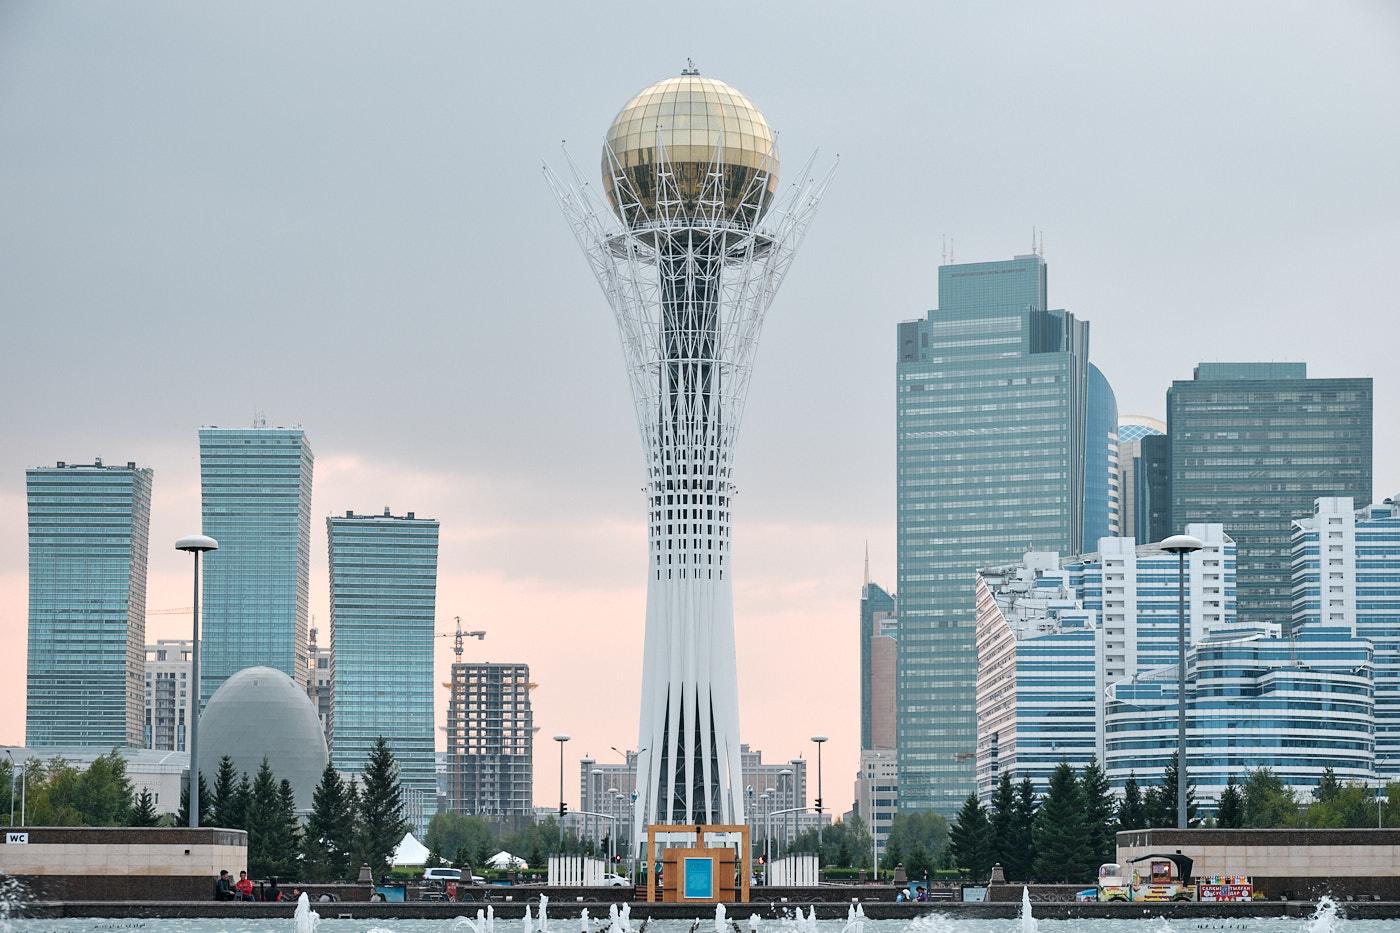 Der Bajterek-Turm symbolisiert einen Lebensbaum aus der kasachischen Mythologie. Die Kugel an der Spitze stellt ein Ei dar, welches der Vogel Samruk in eine Baumkrone gelegt hat.